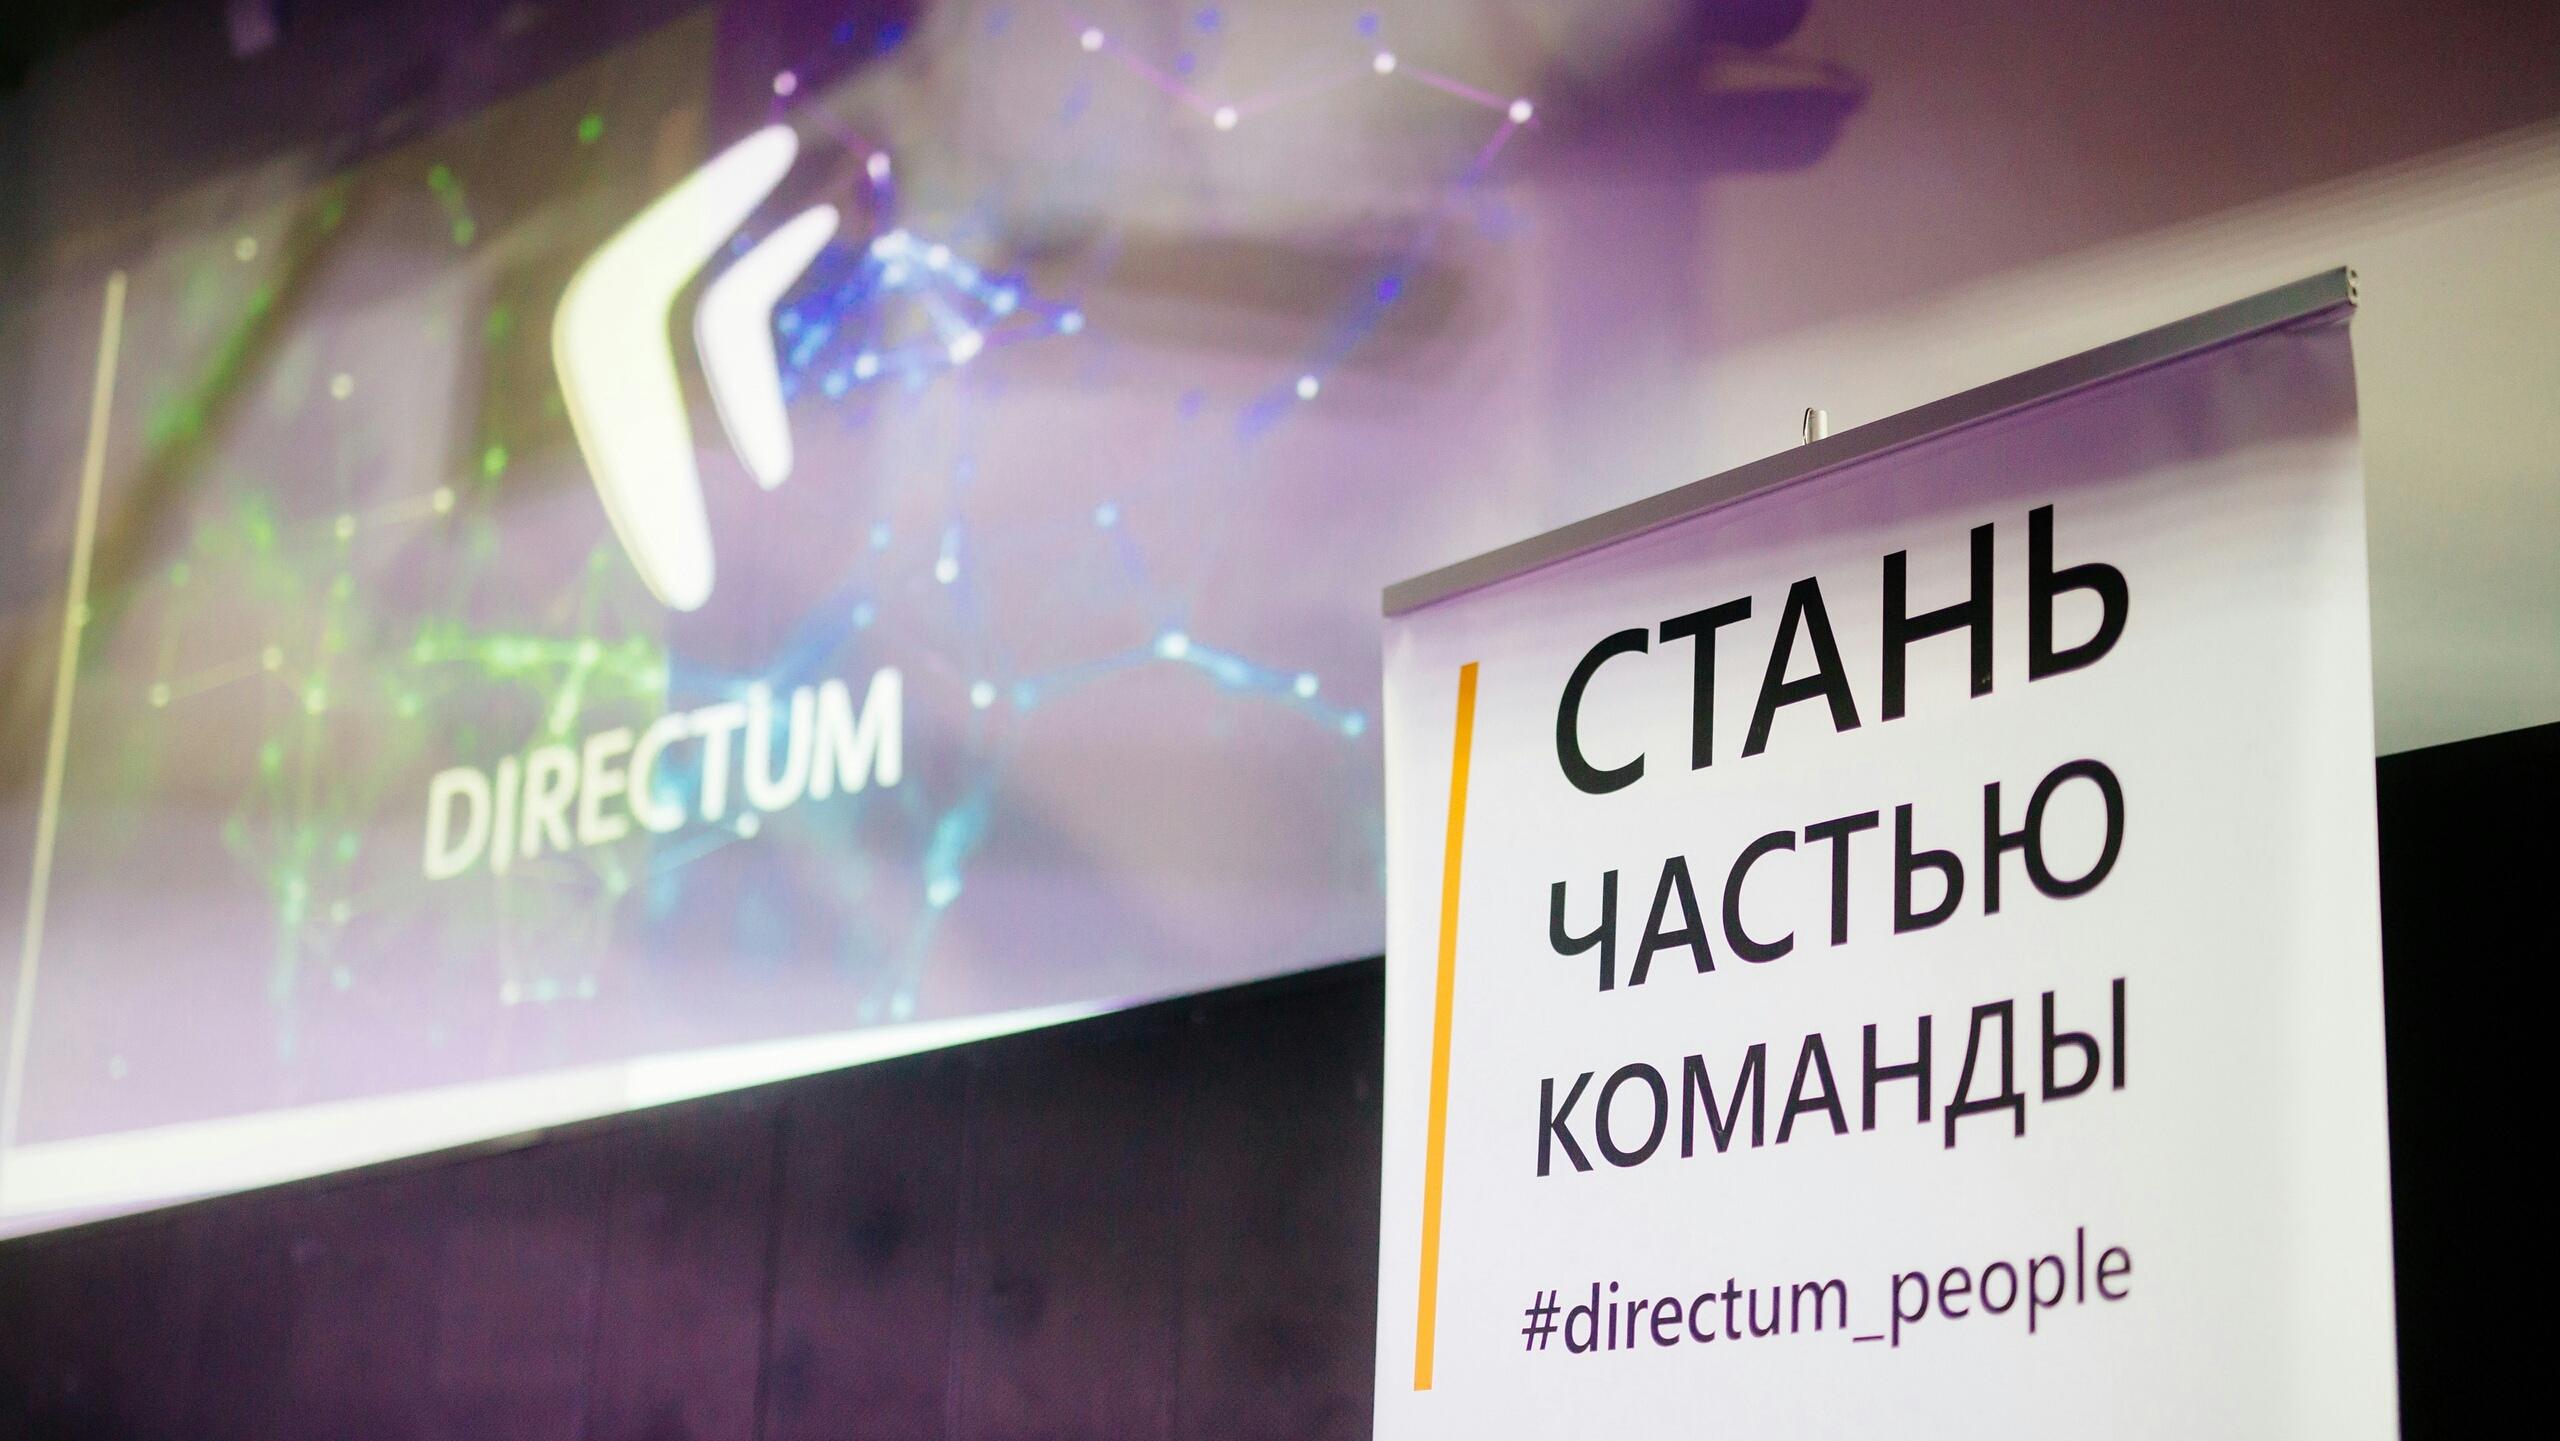 DIRECTUM | Cерия технических митапов Directum